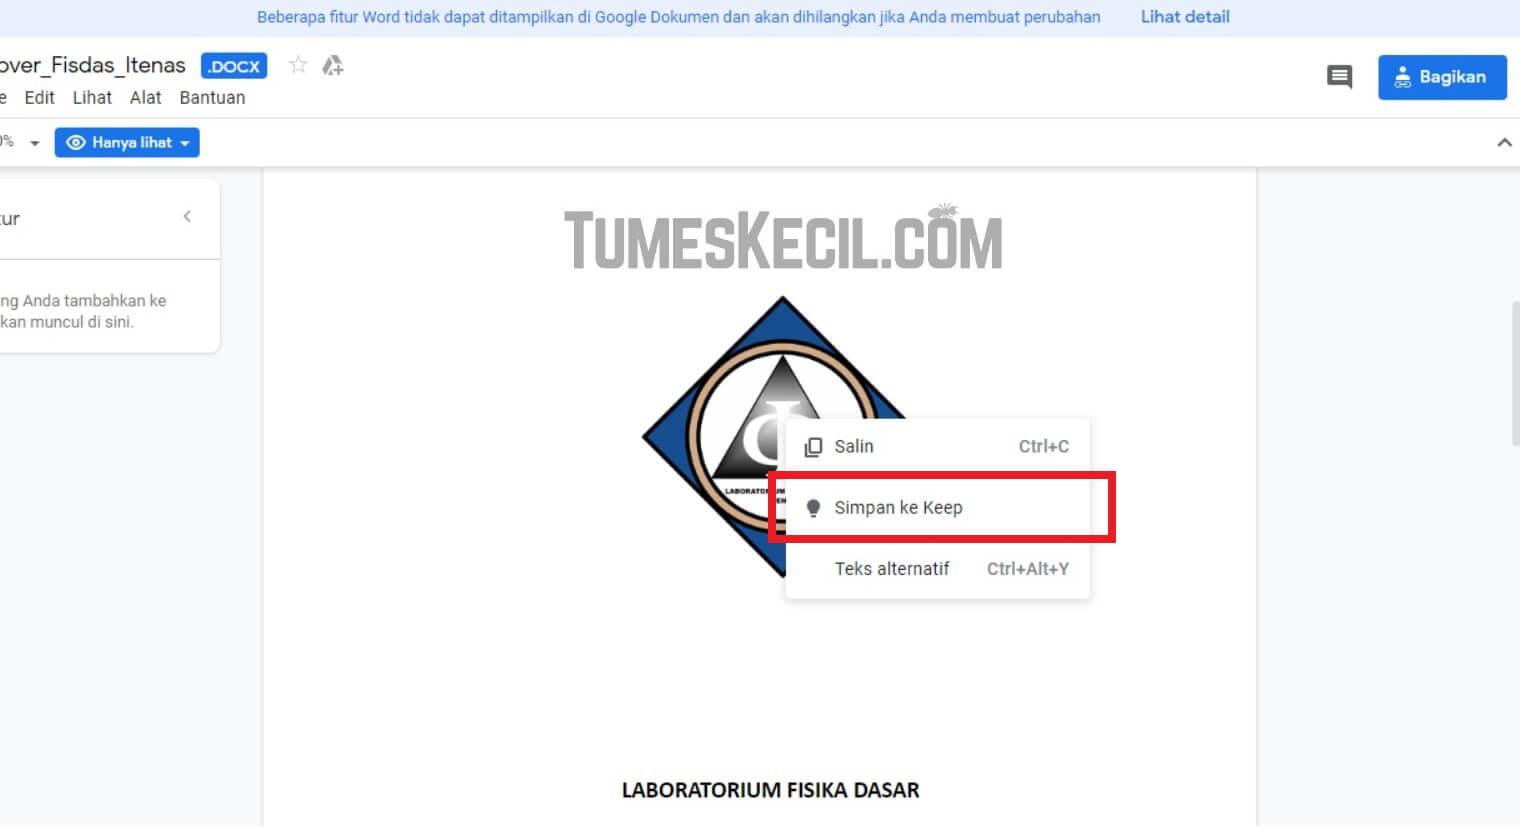 cara download gambar dari google docs